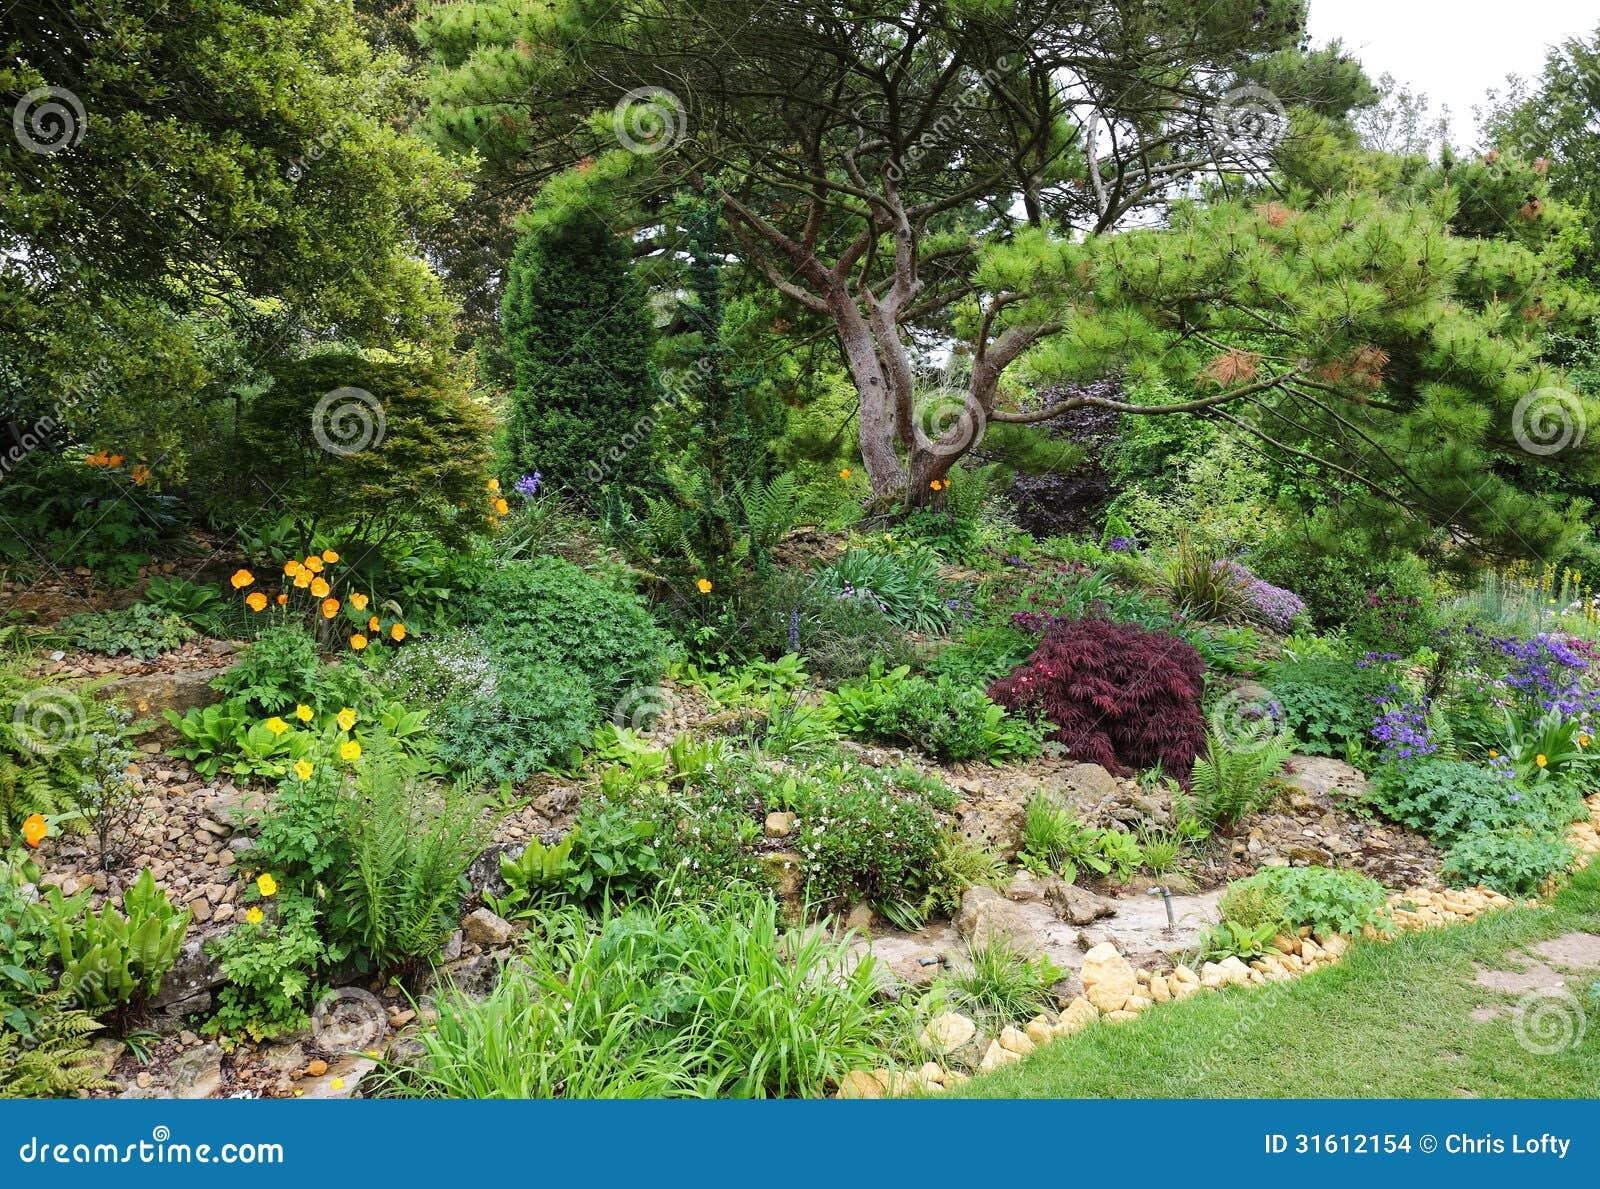 R gion de jardin de rocaille dans un jardin anglais images for Photo de jardin anglais